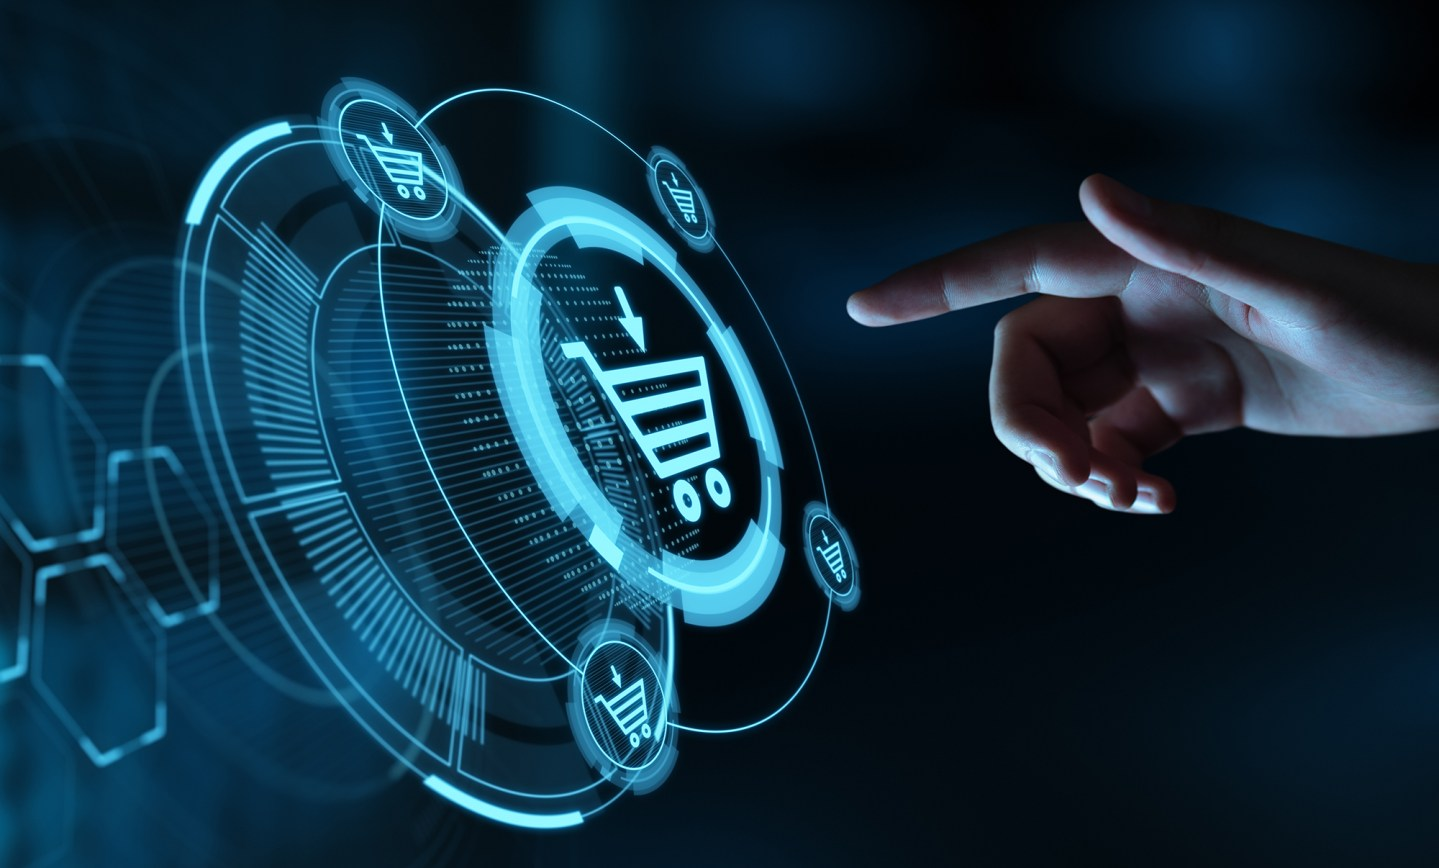 E-commerce moveu R$ 42,92 bilhões em 2020